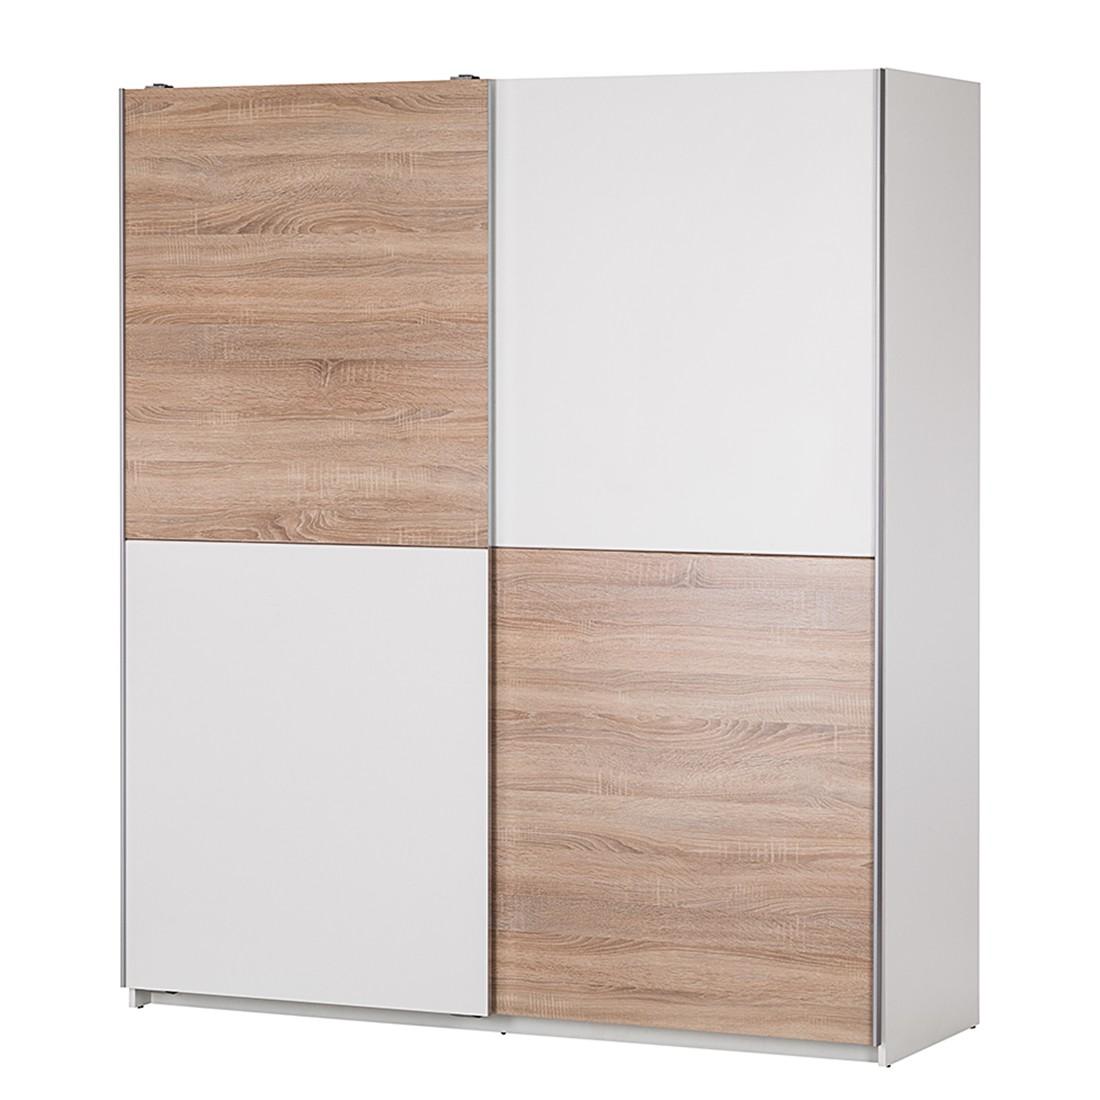 Armoire à portes coulissantes Plaza - Blanc /Imitation chêne de Sonoma, mooved